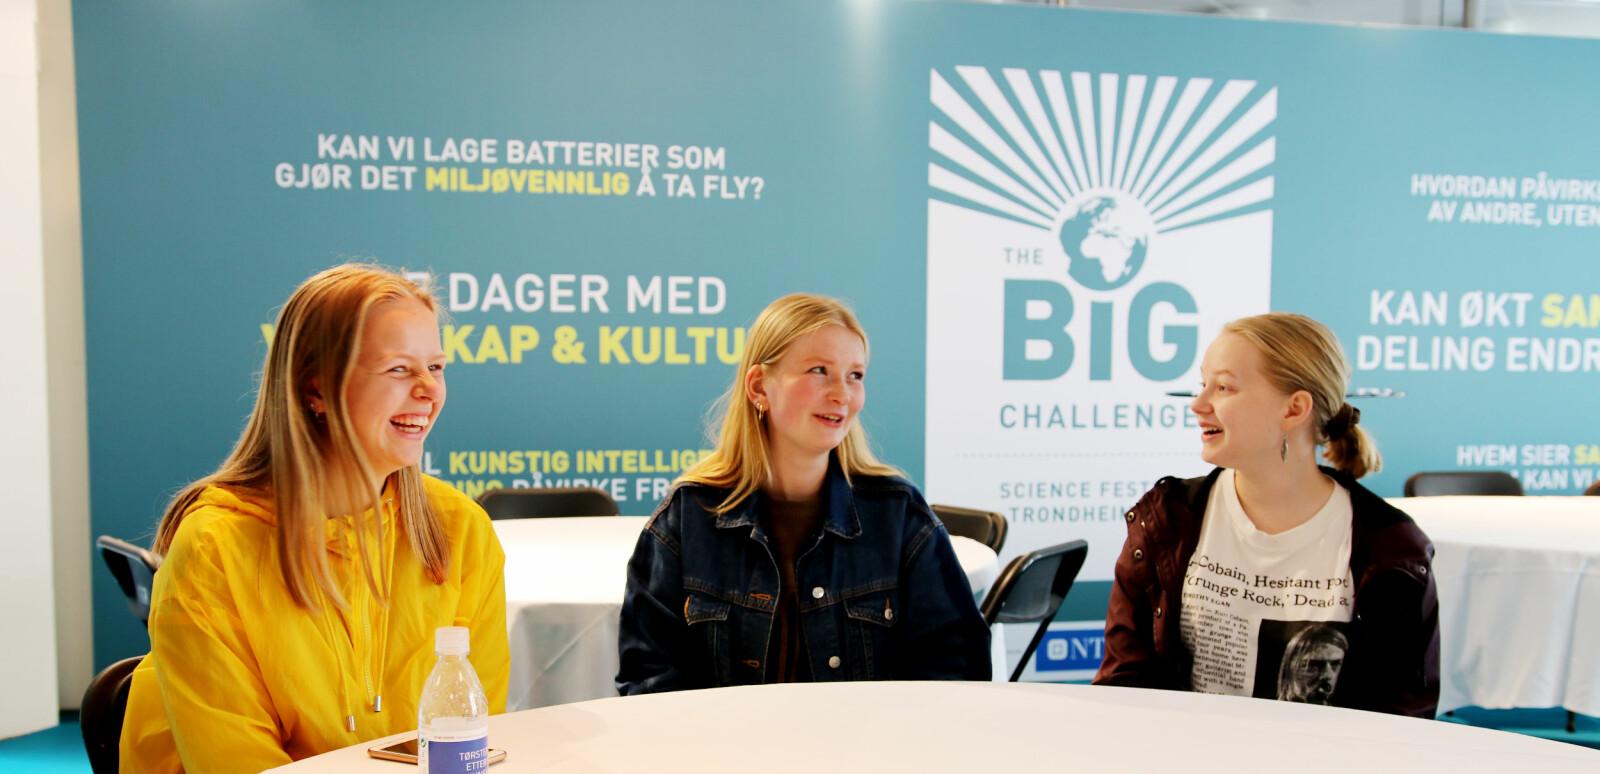 I workshoprommet har dei tre elevane frå Trondheim katedralskole sett seg ned etter foredraget dei har vore på. Frå venstre: Ingvild Reinton, Katja Høyem og Inga Nestgaard. — Samarbeid er den største utfordringa, meiner Katja Høyem. Foto: Njord V. Svendsen